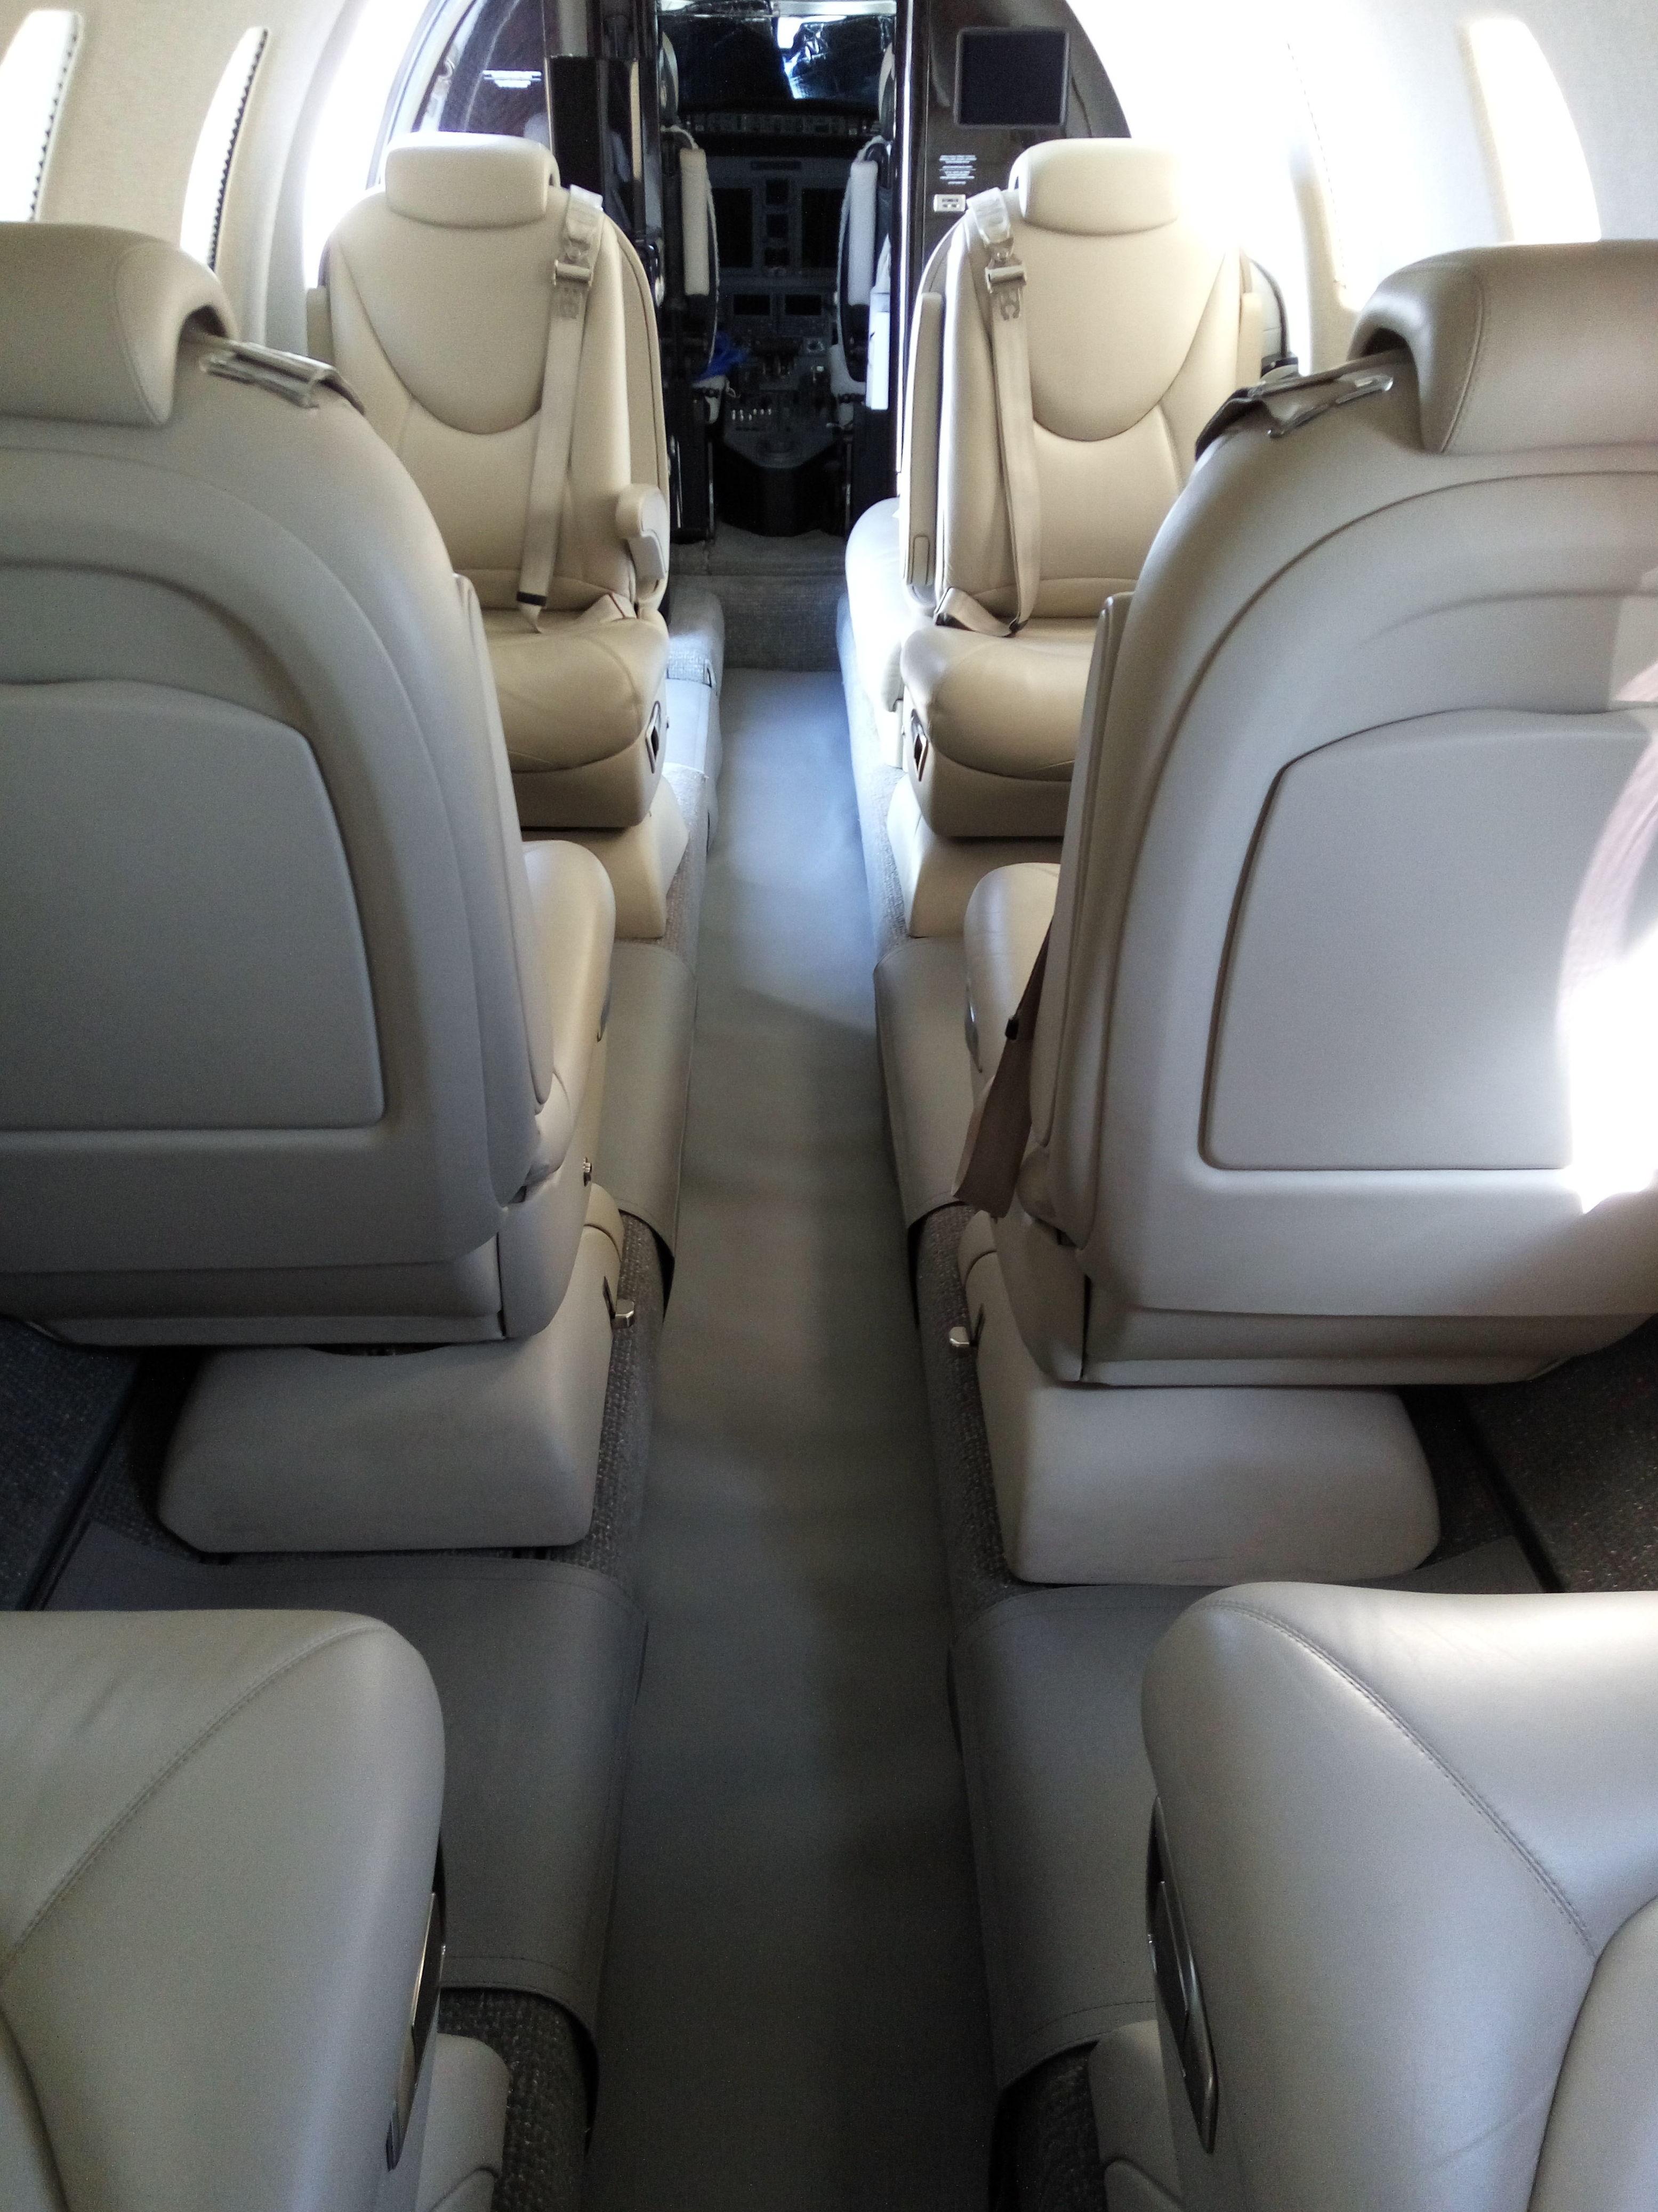 Executive Aircraft Interiors: Servicios de AERONÁUTICA GESTIÓN